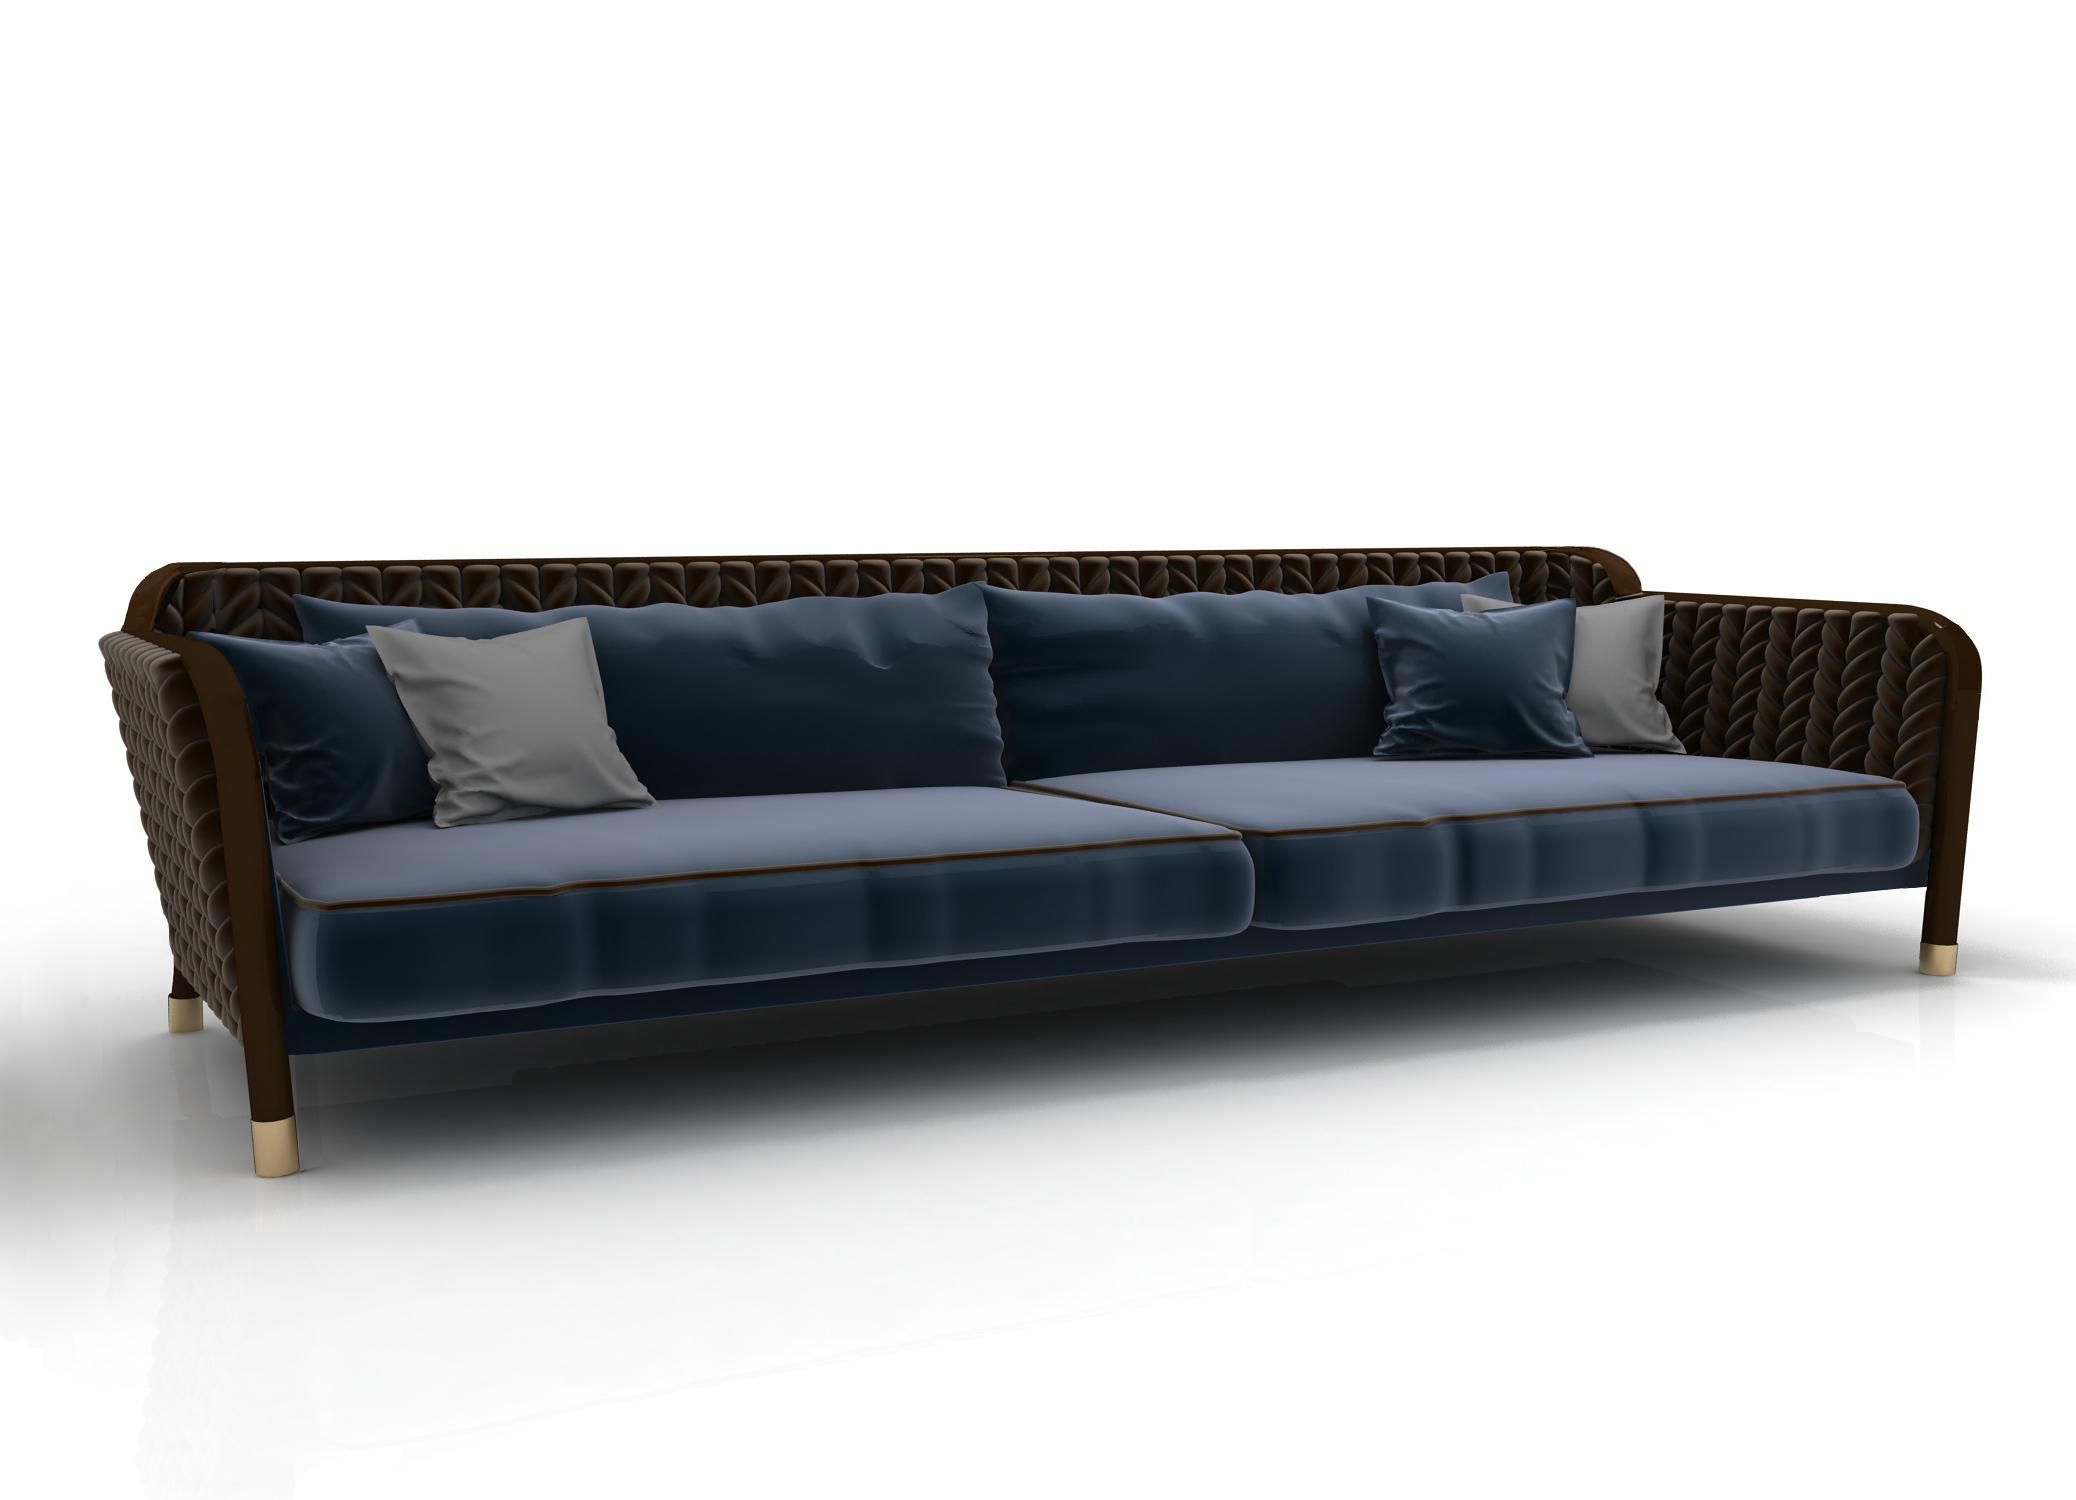 4-collezione-divano-giusto.jpg